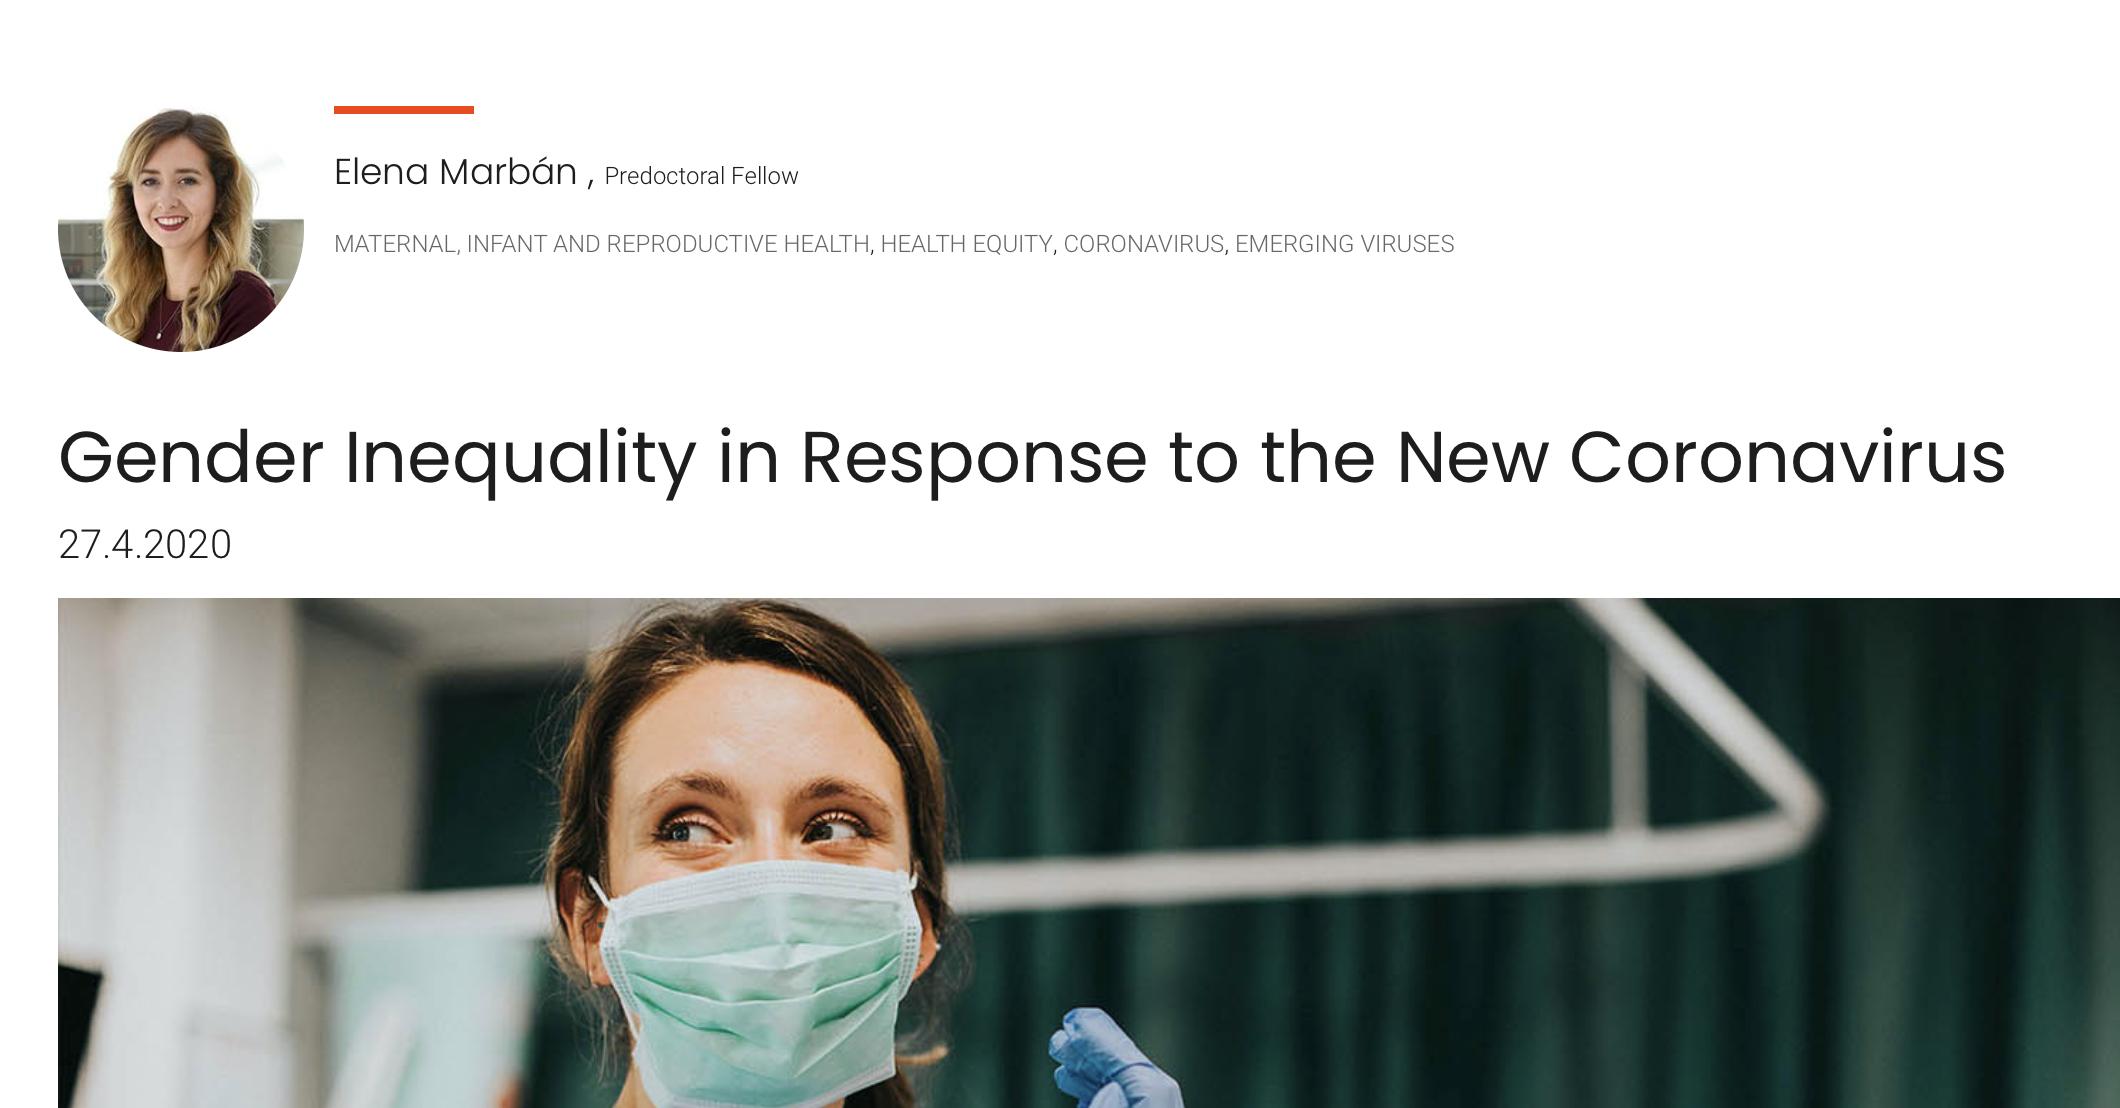 Gender Inequality in Response to the New Coronavirus